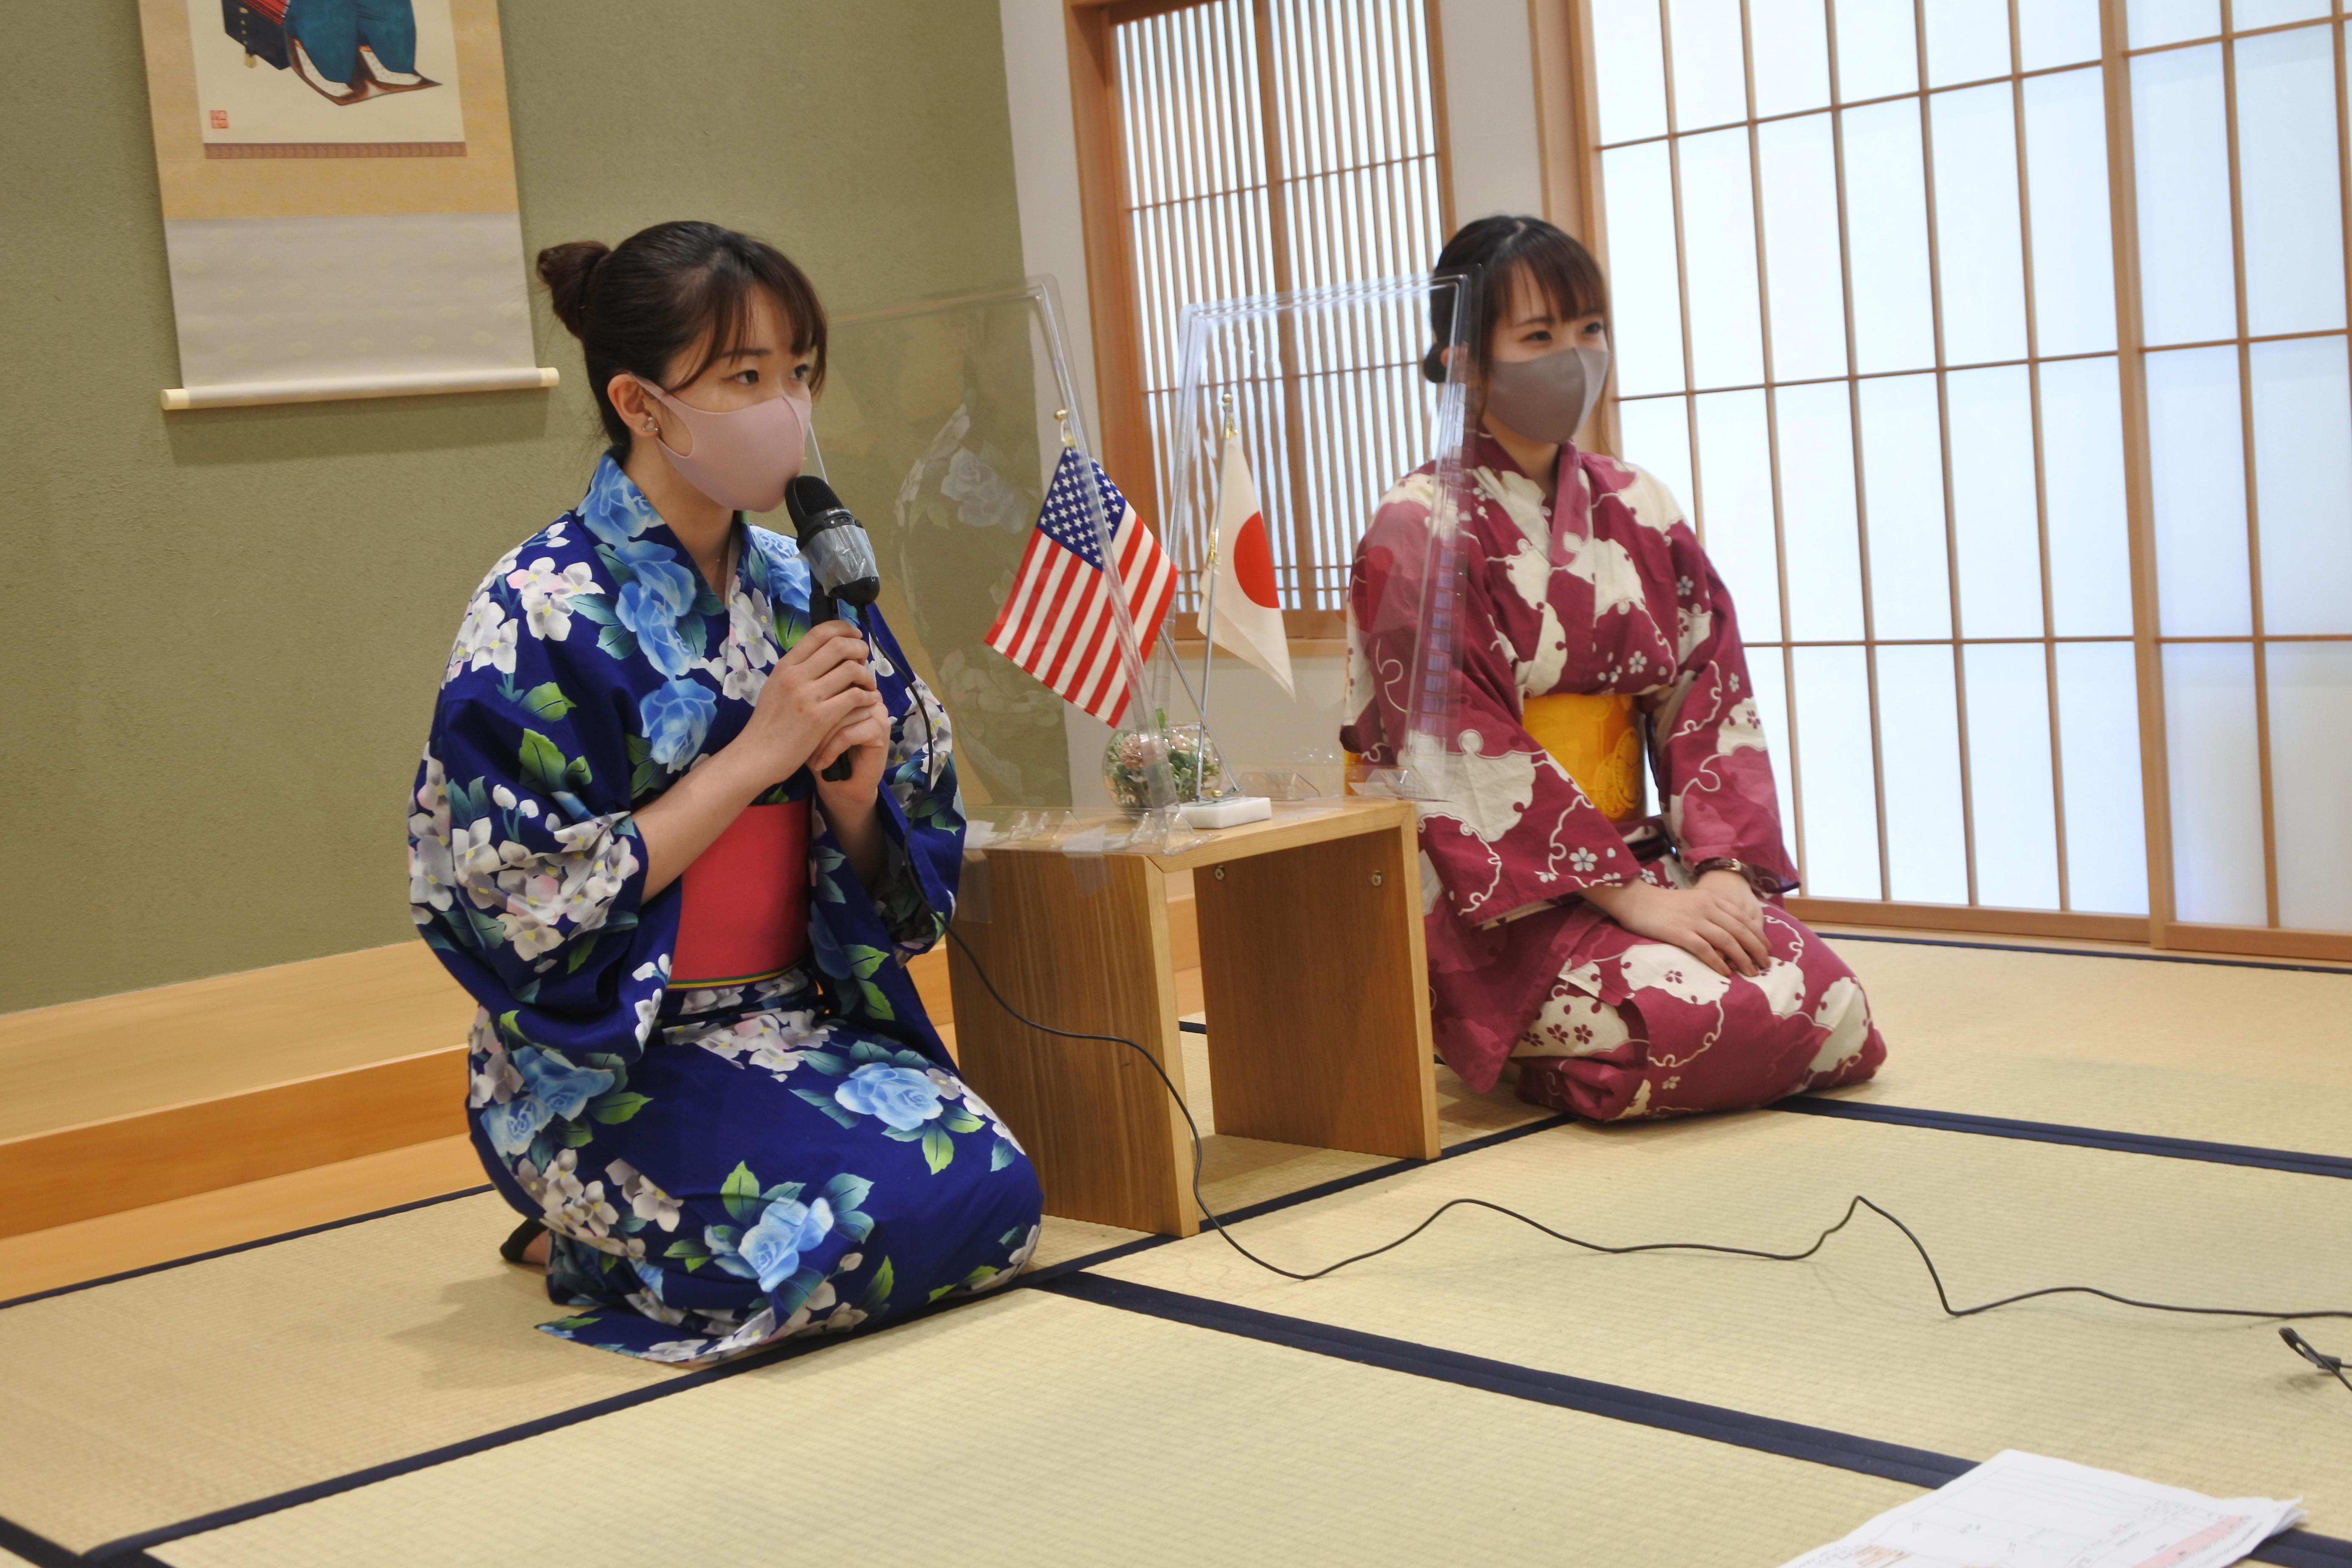 和室から開会のあいさつをする渡邉芽依さん(右)と山中葵さん